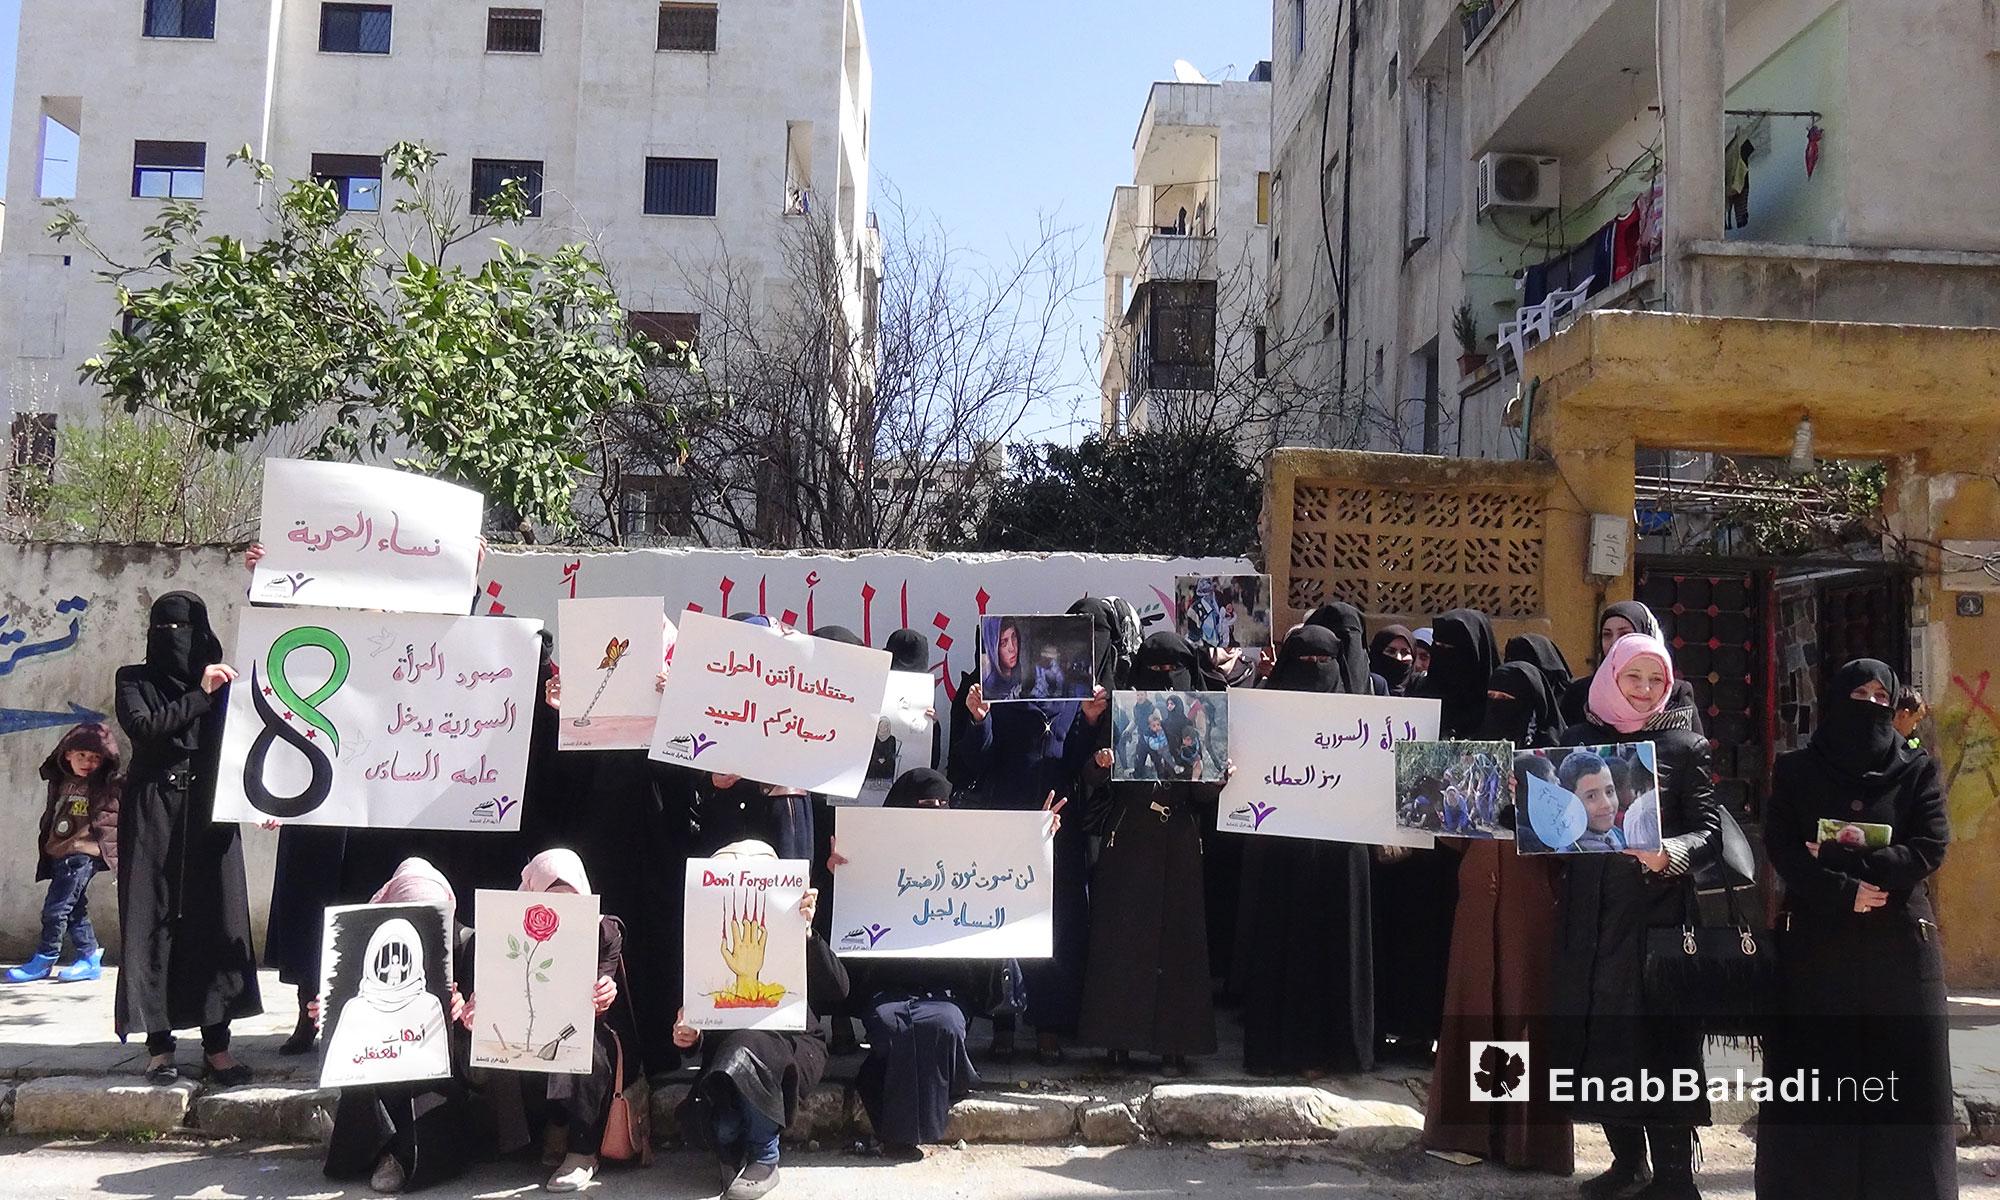 """وقفة تضامنية للتذكير بالمعتقلات في سجون النظام  في يوم المرأة العالمي - """"رابطة المرأة المتعلمة"""" إدلب - 8 آذار 2017 (عنب بلدي)"""